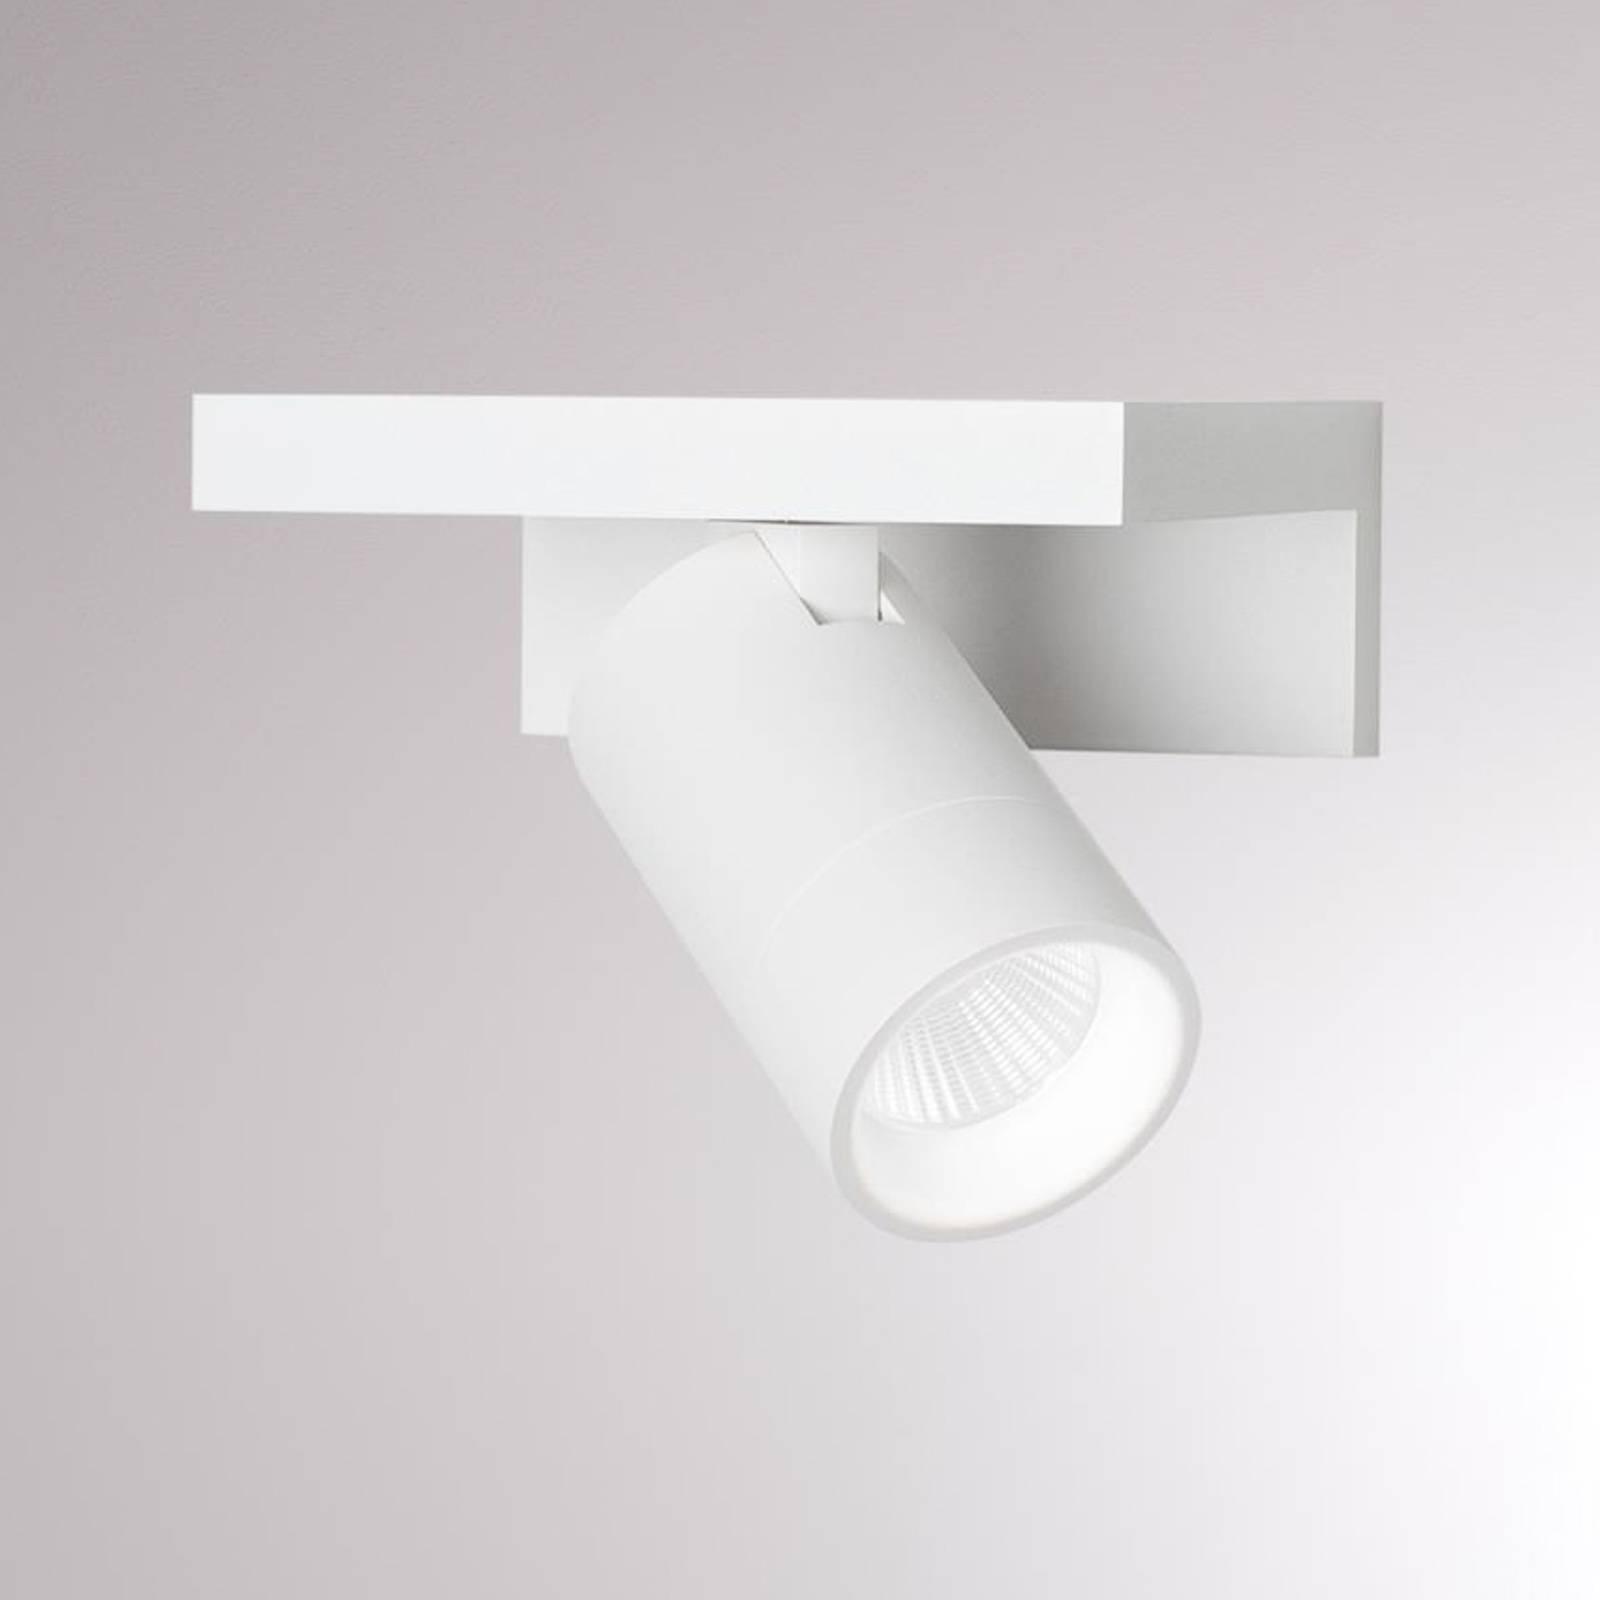 LOUM Nowenda LED-Wandleuchte mit Ablage, weiß